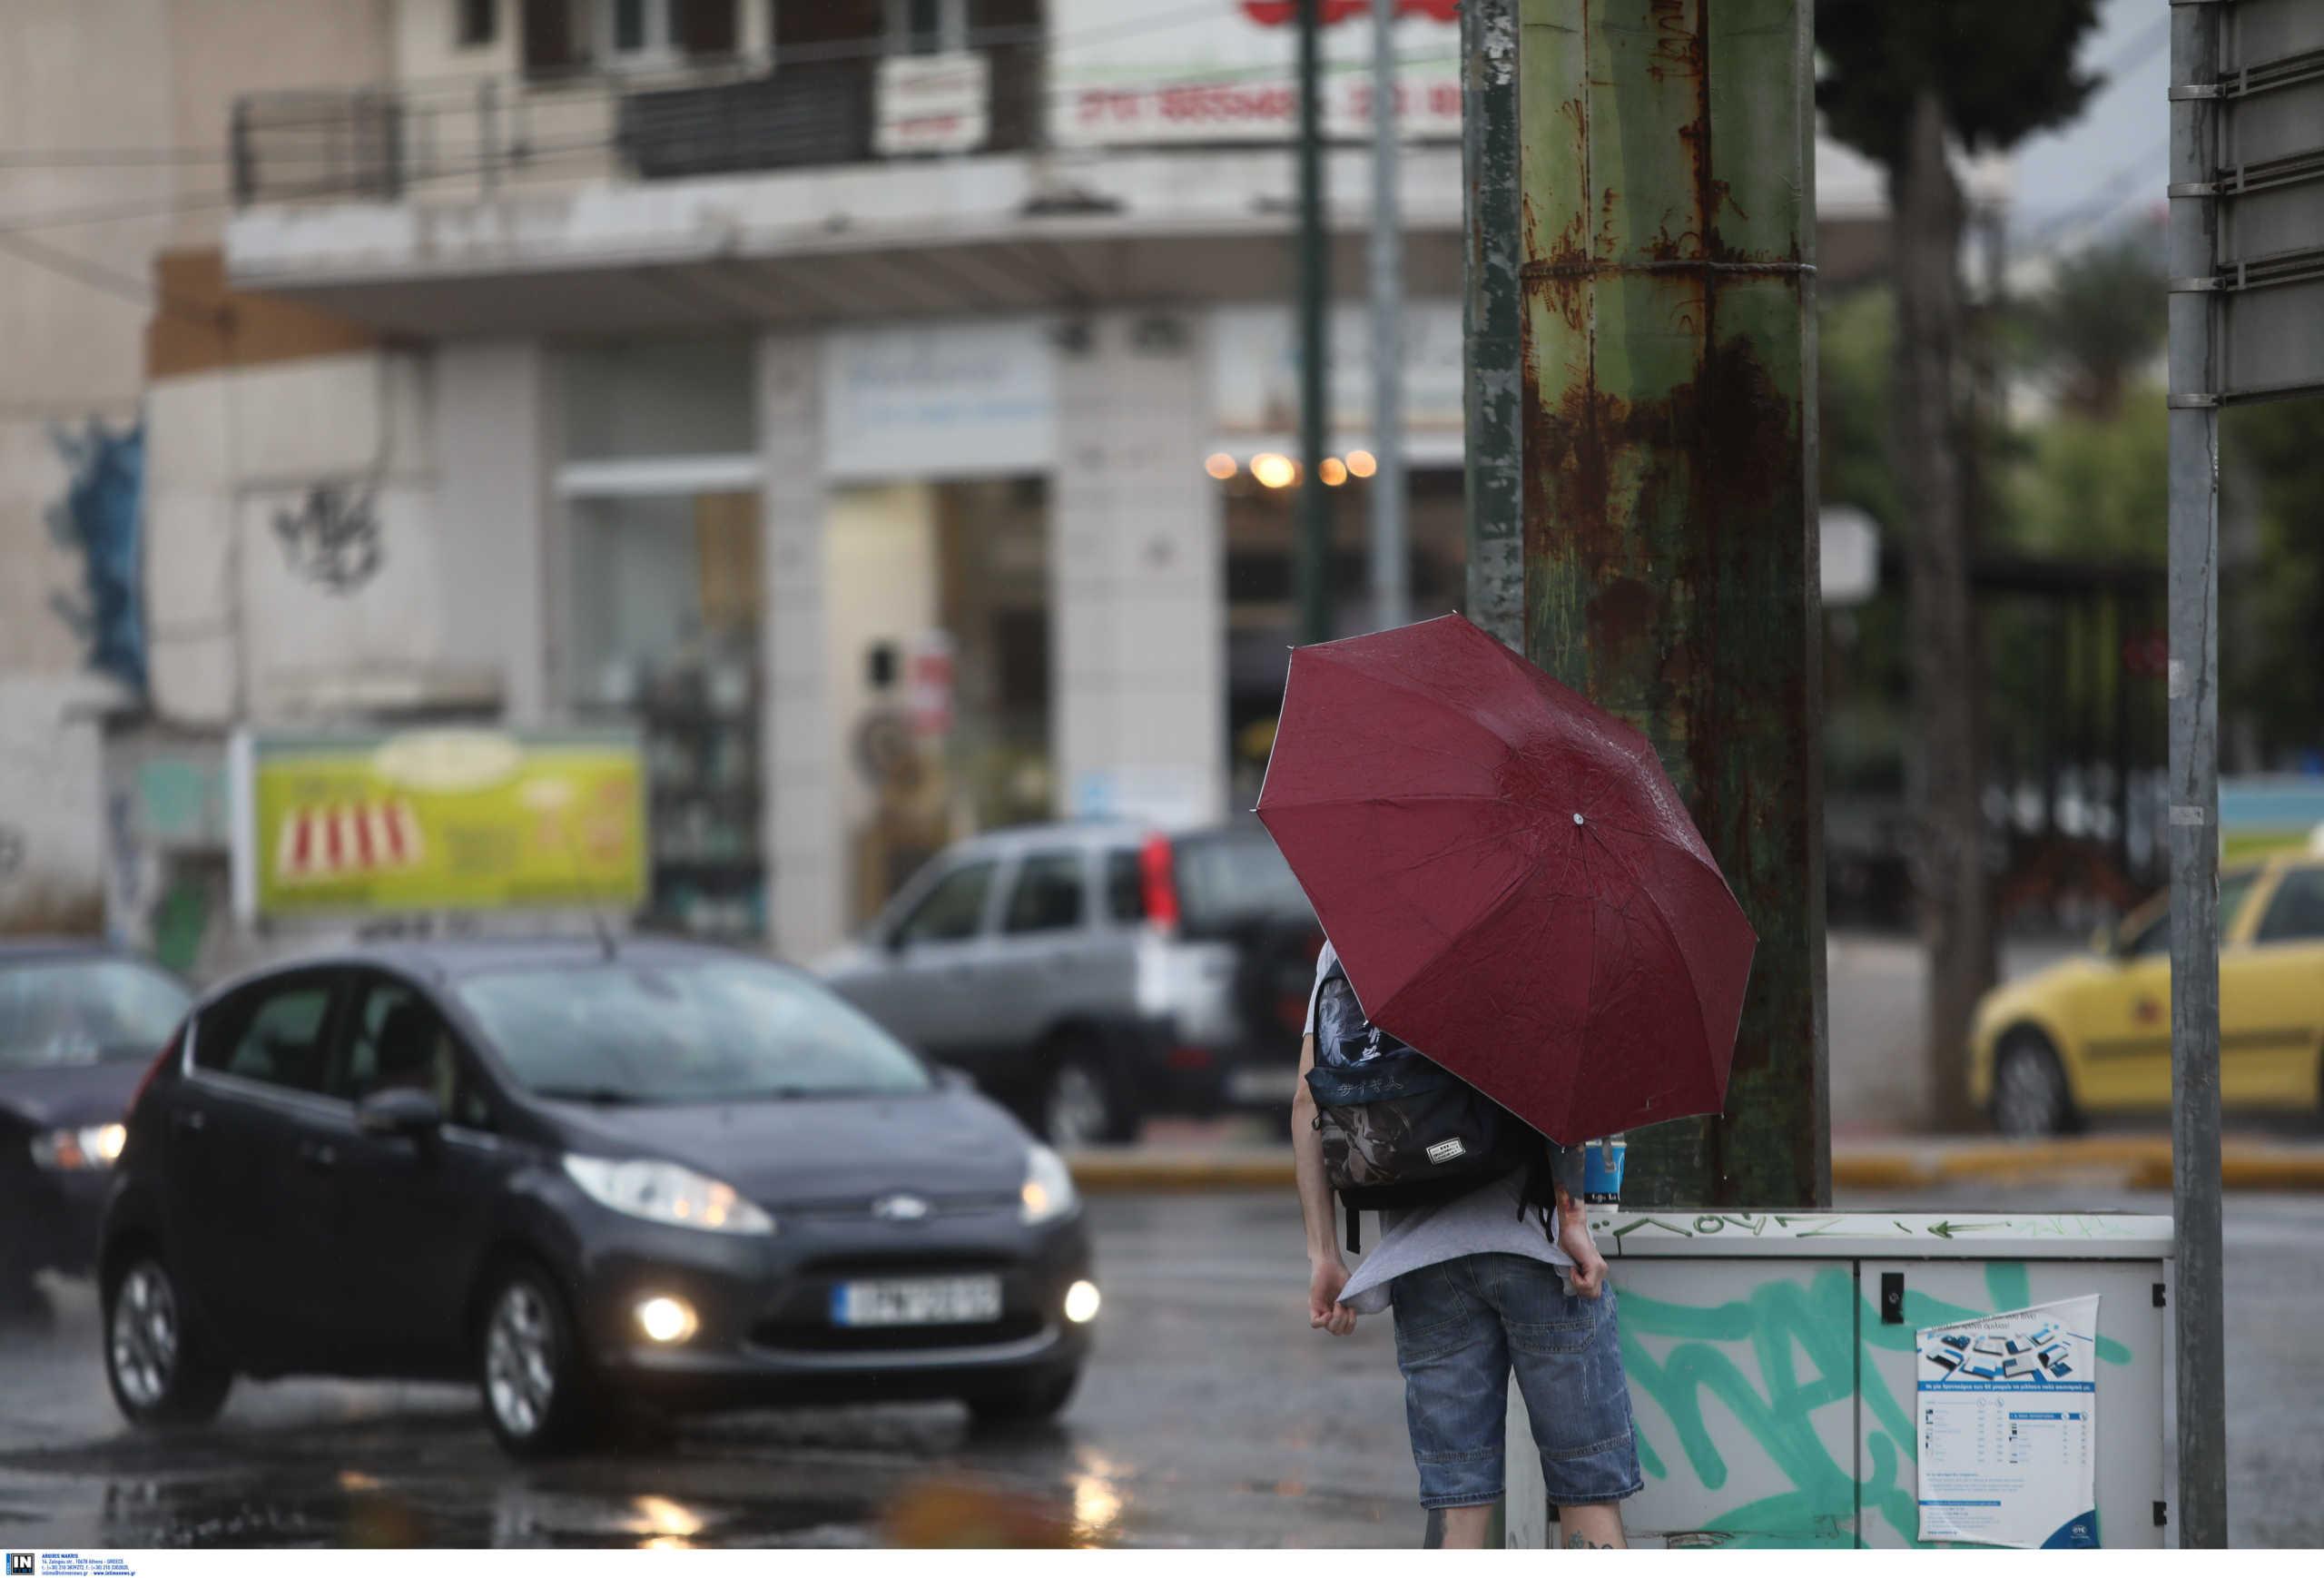 Καιρός αύριο: Ραγδαία επιδείνωση με καταιγίδες και χαλάζι